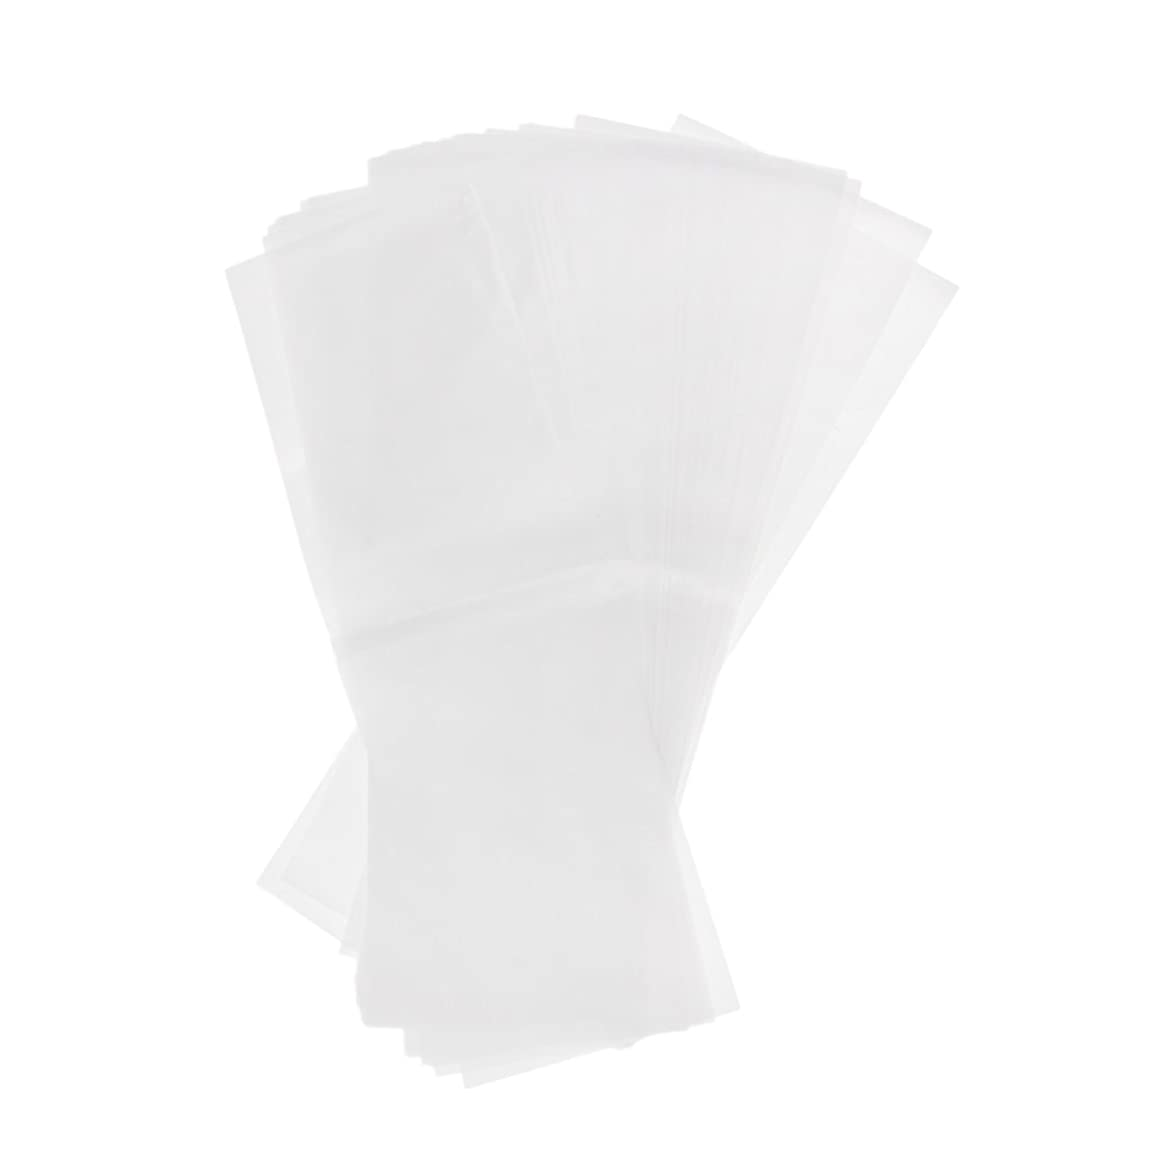 講義ファッション文明化するKesoto 約50枚 プラスチック製 染毛紙 ハイライト サロン 毛染め紙 ハイライトシート 再利用可能 2仕様選べ - ホワイト